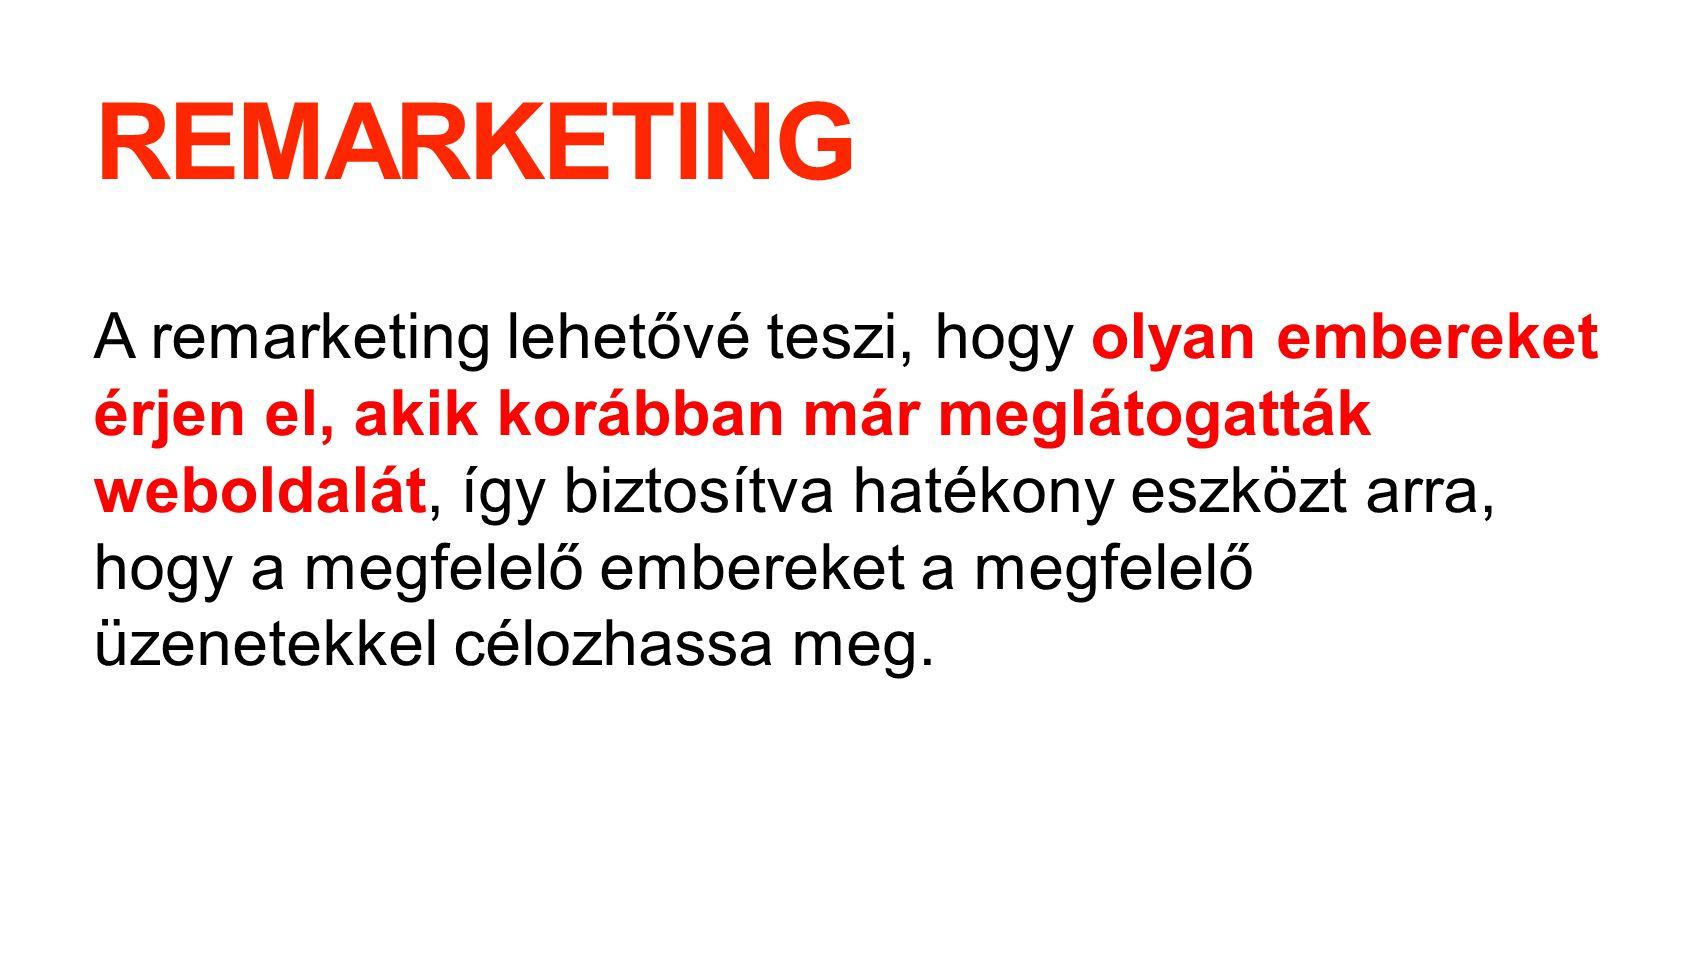 REMARKETING KOMBINÁCIÓ Megnézte a terméket Vásárlók Kosár oldal célcsoport